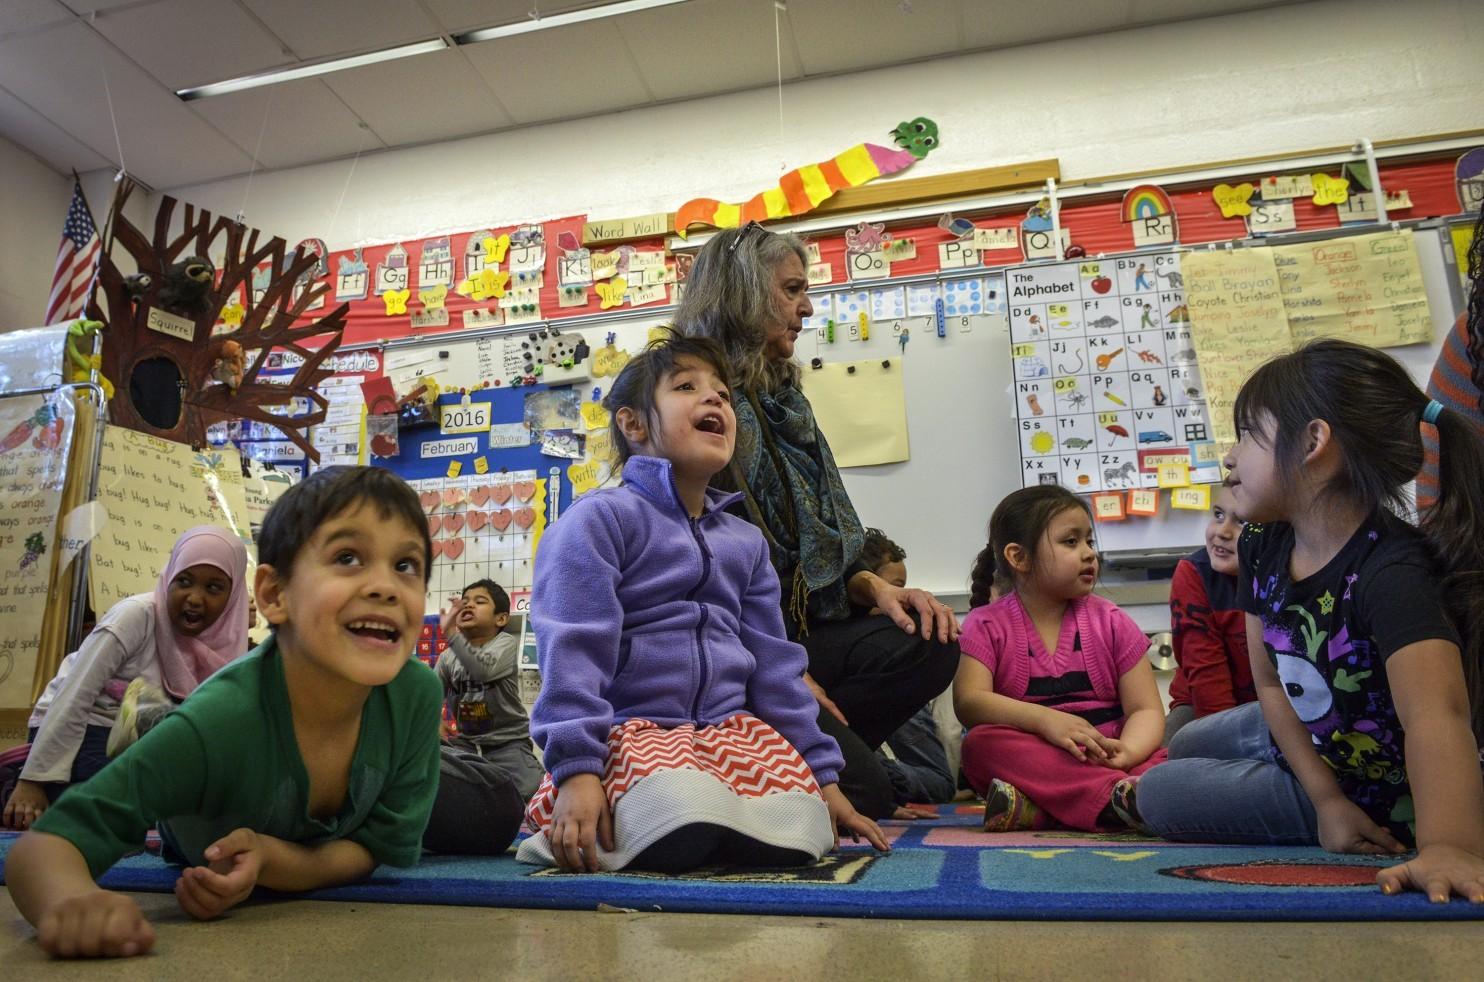 美老师发明创意数学课:学生边表演边学数学